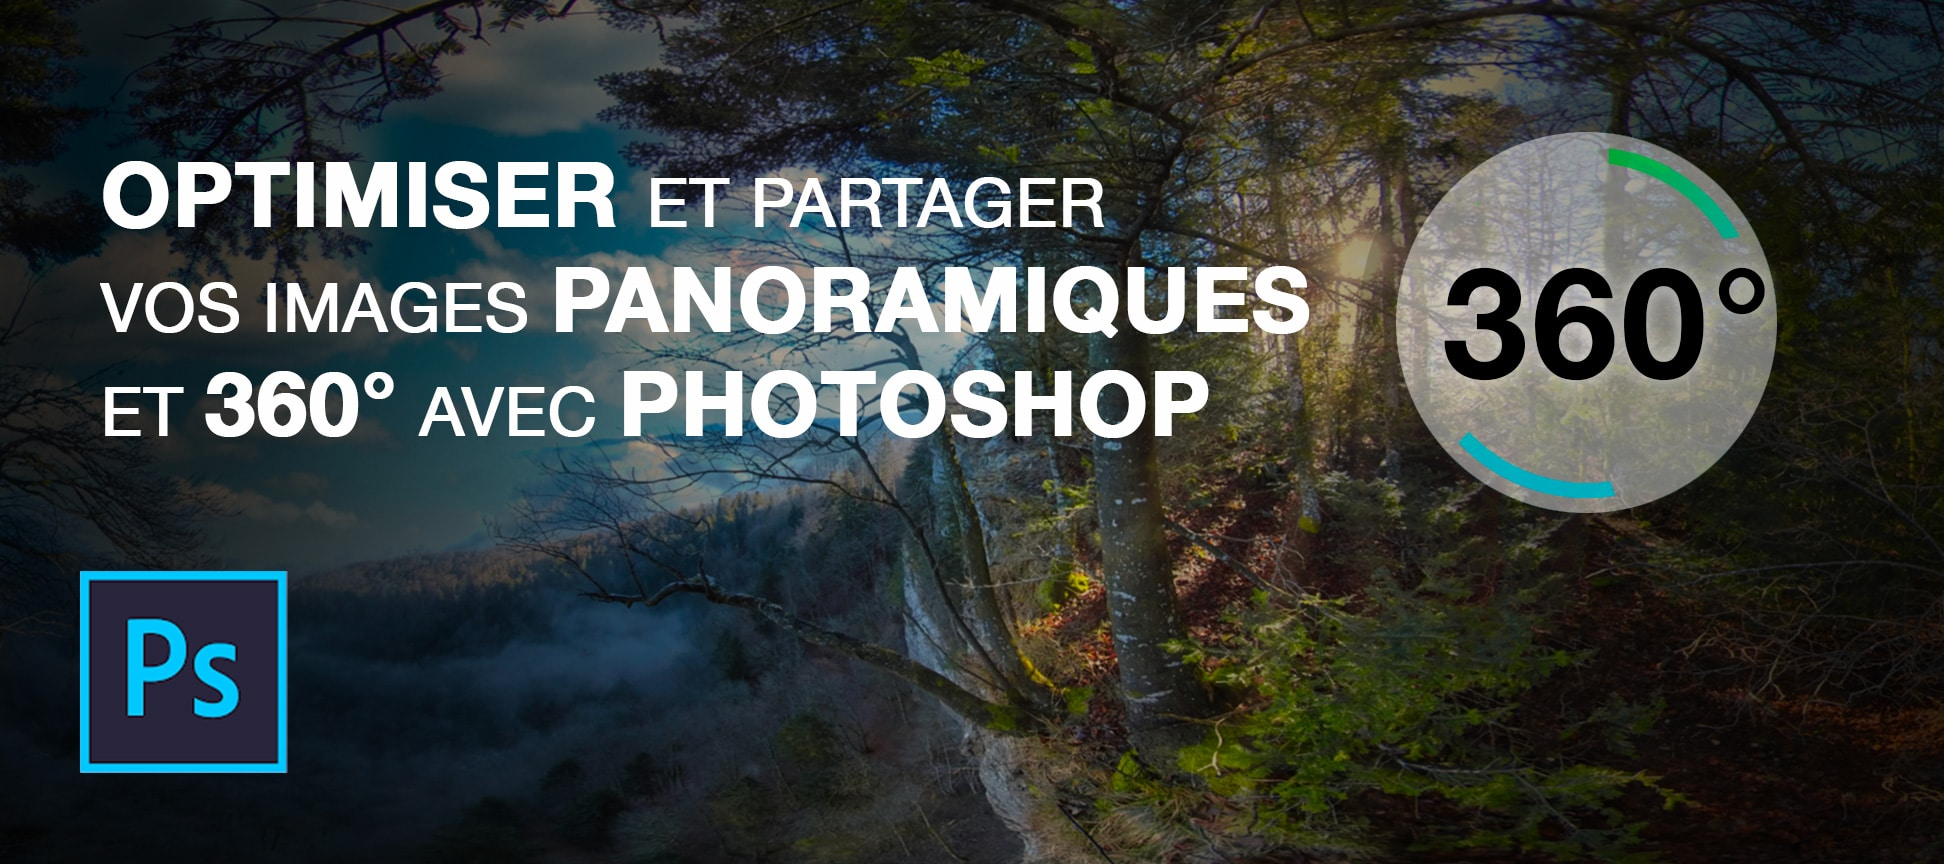 optimiser partager image 360 adobe photoshop